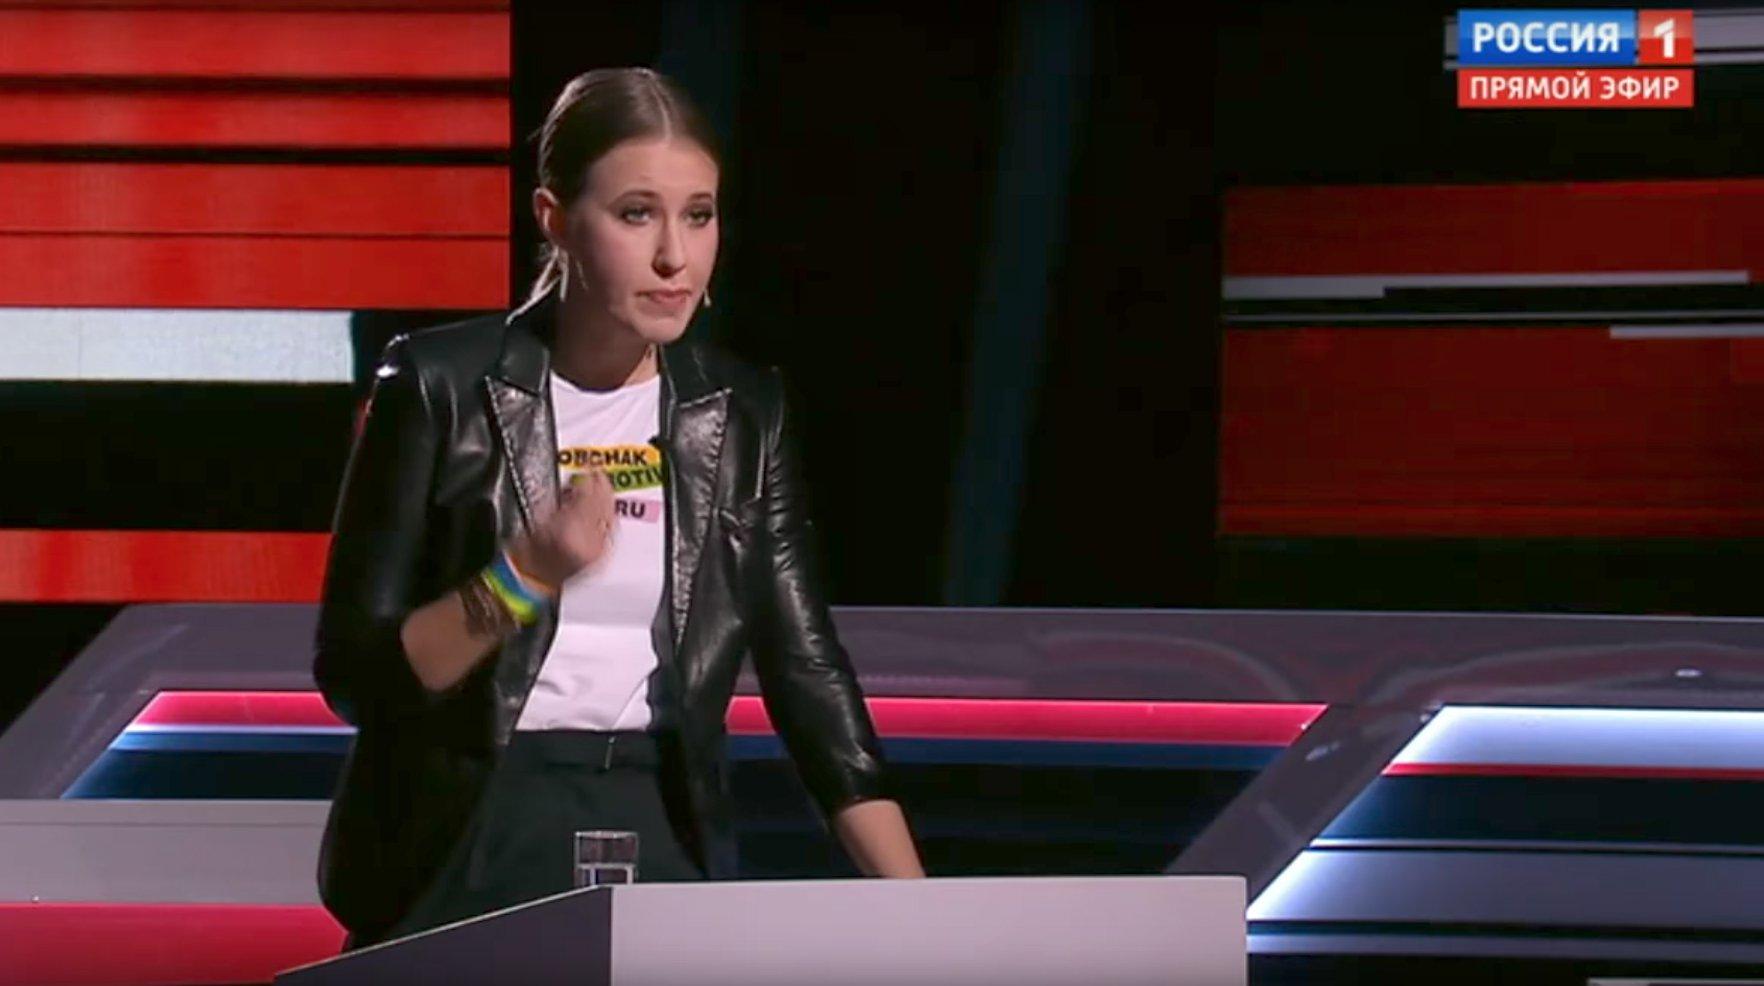 Собчак сообщила, что Генеральная прокуратура проверяет ее слова поКрыму